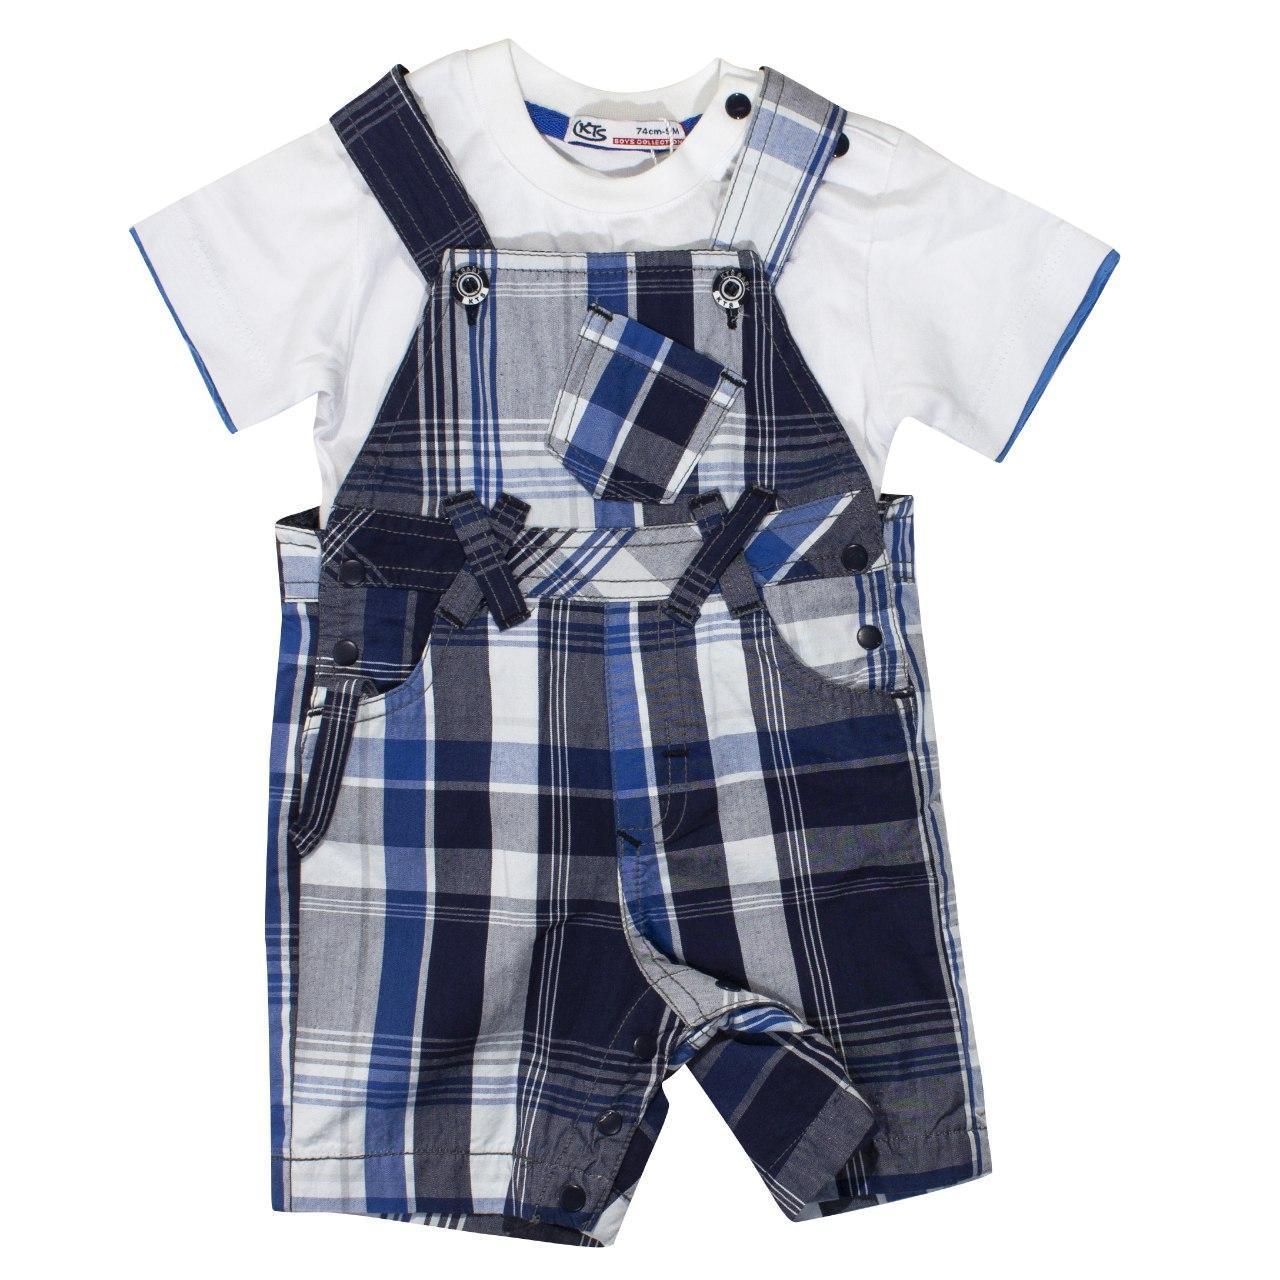 Комбинезон и футболка для мальчика, размеры 9, 18 мес